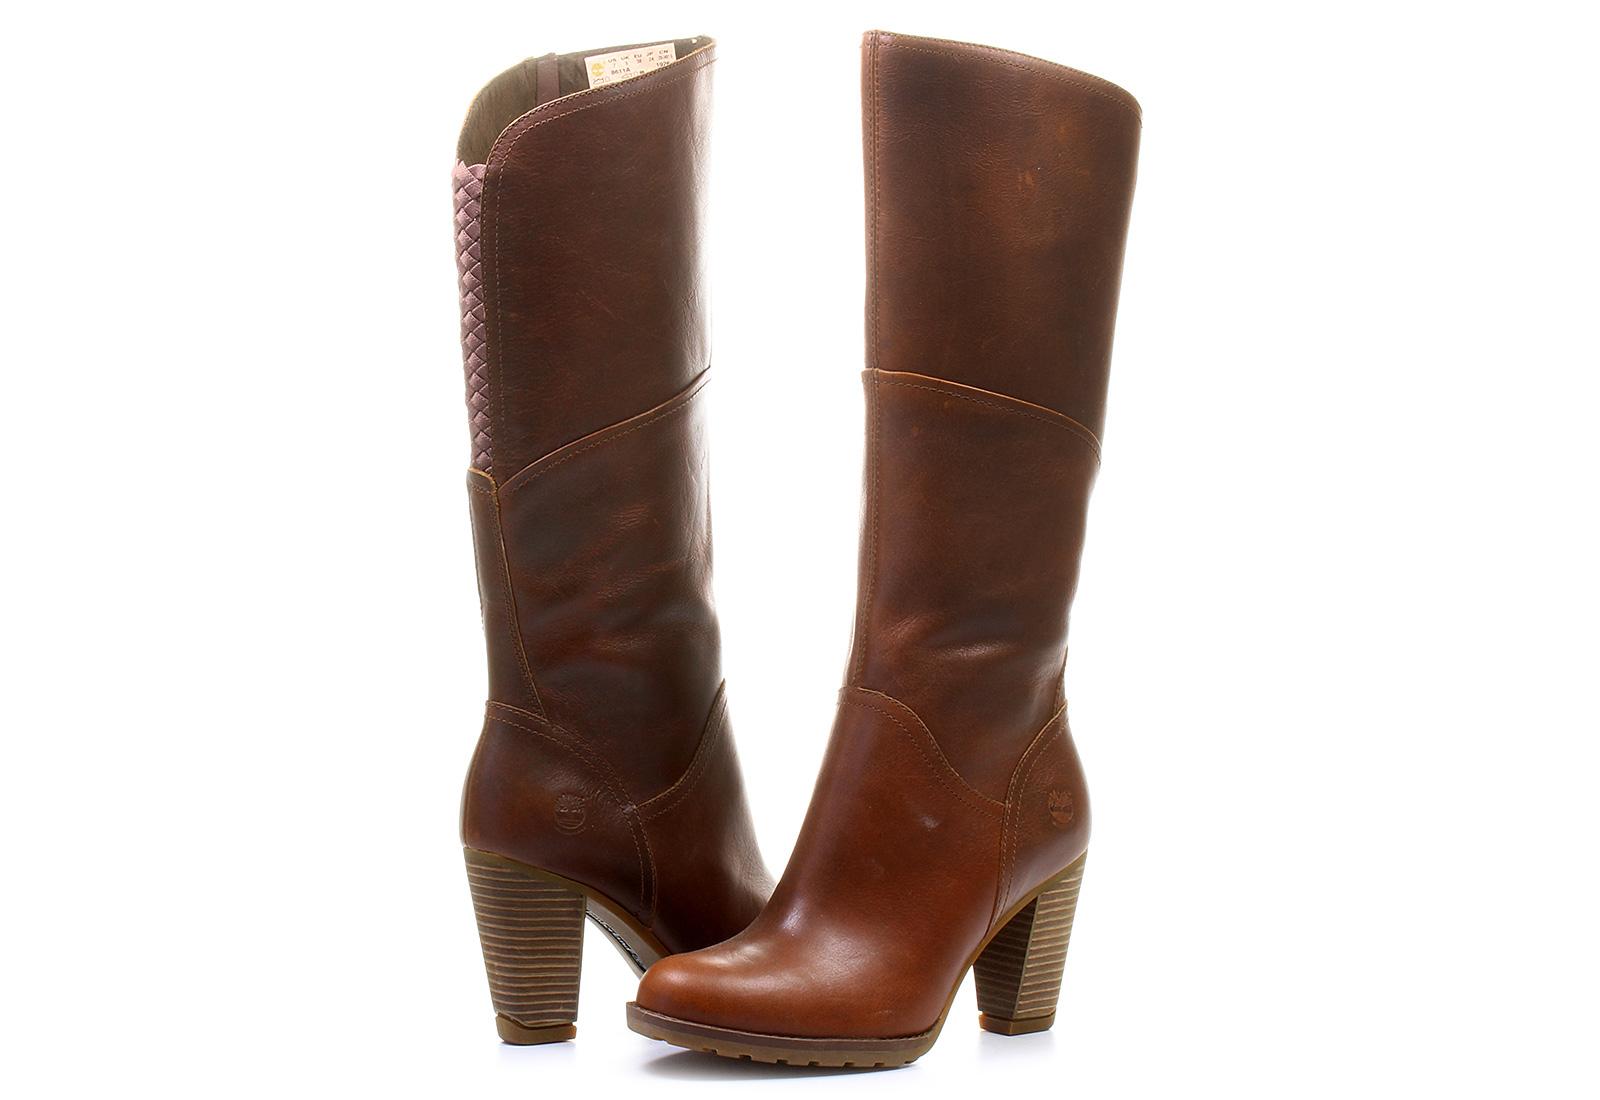 Timberland Kozačky - Stratham Heights Tall Boot - 8611A ... da844b91f1